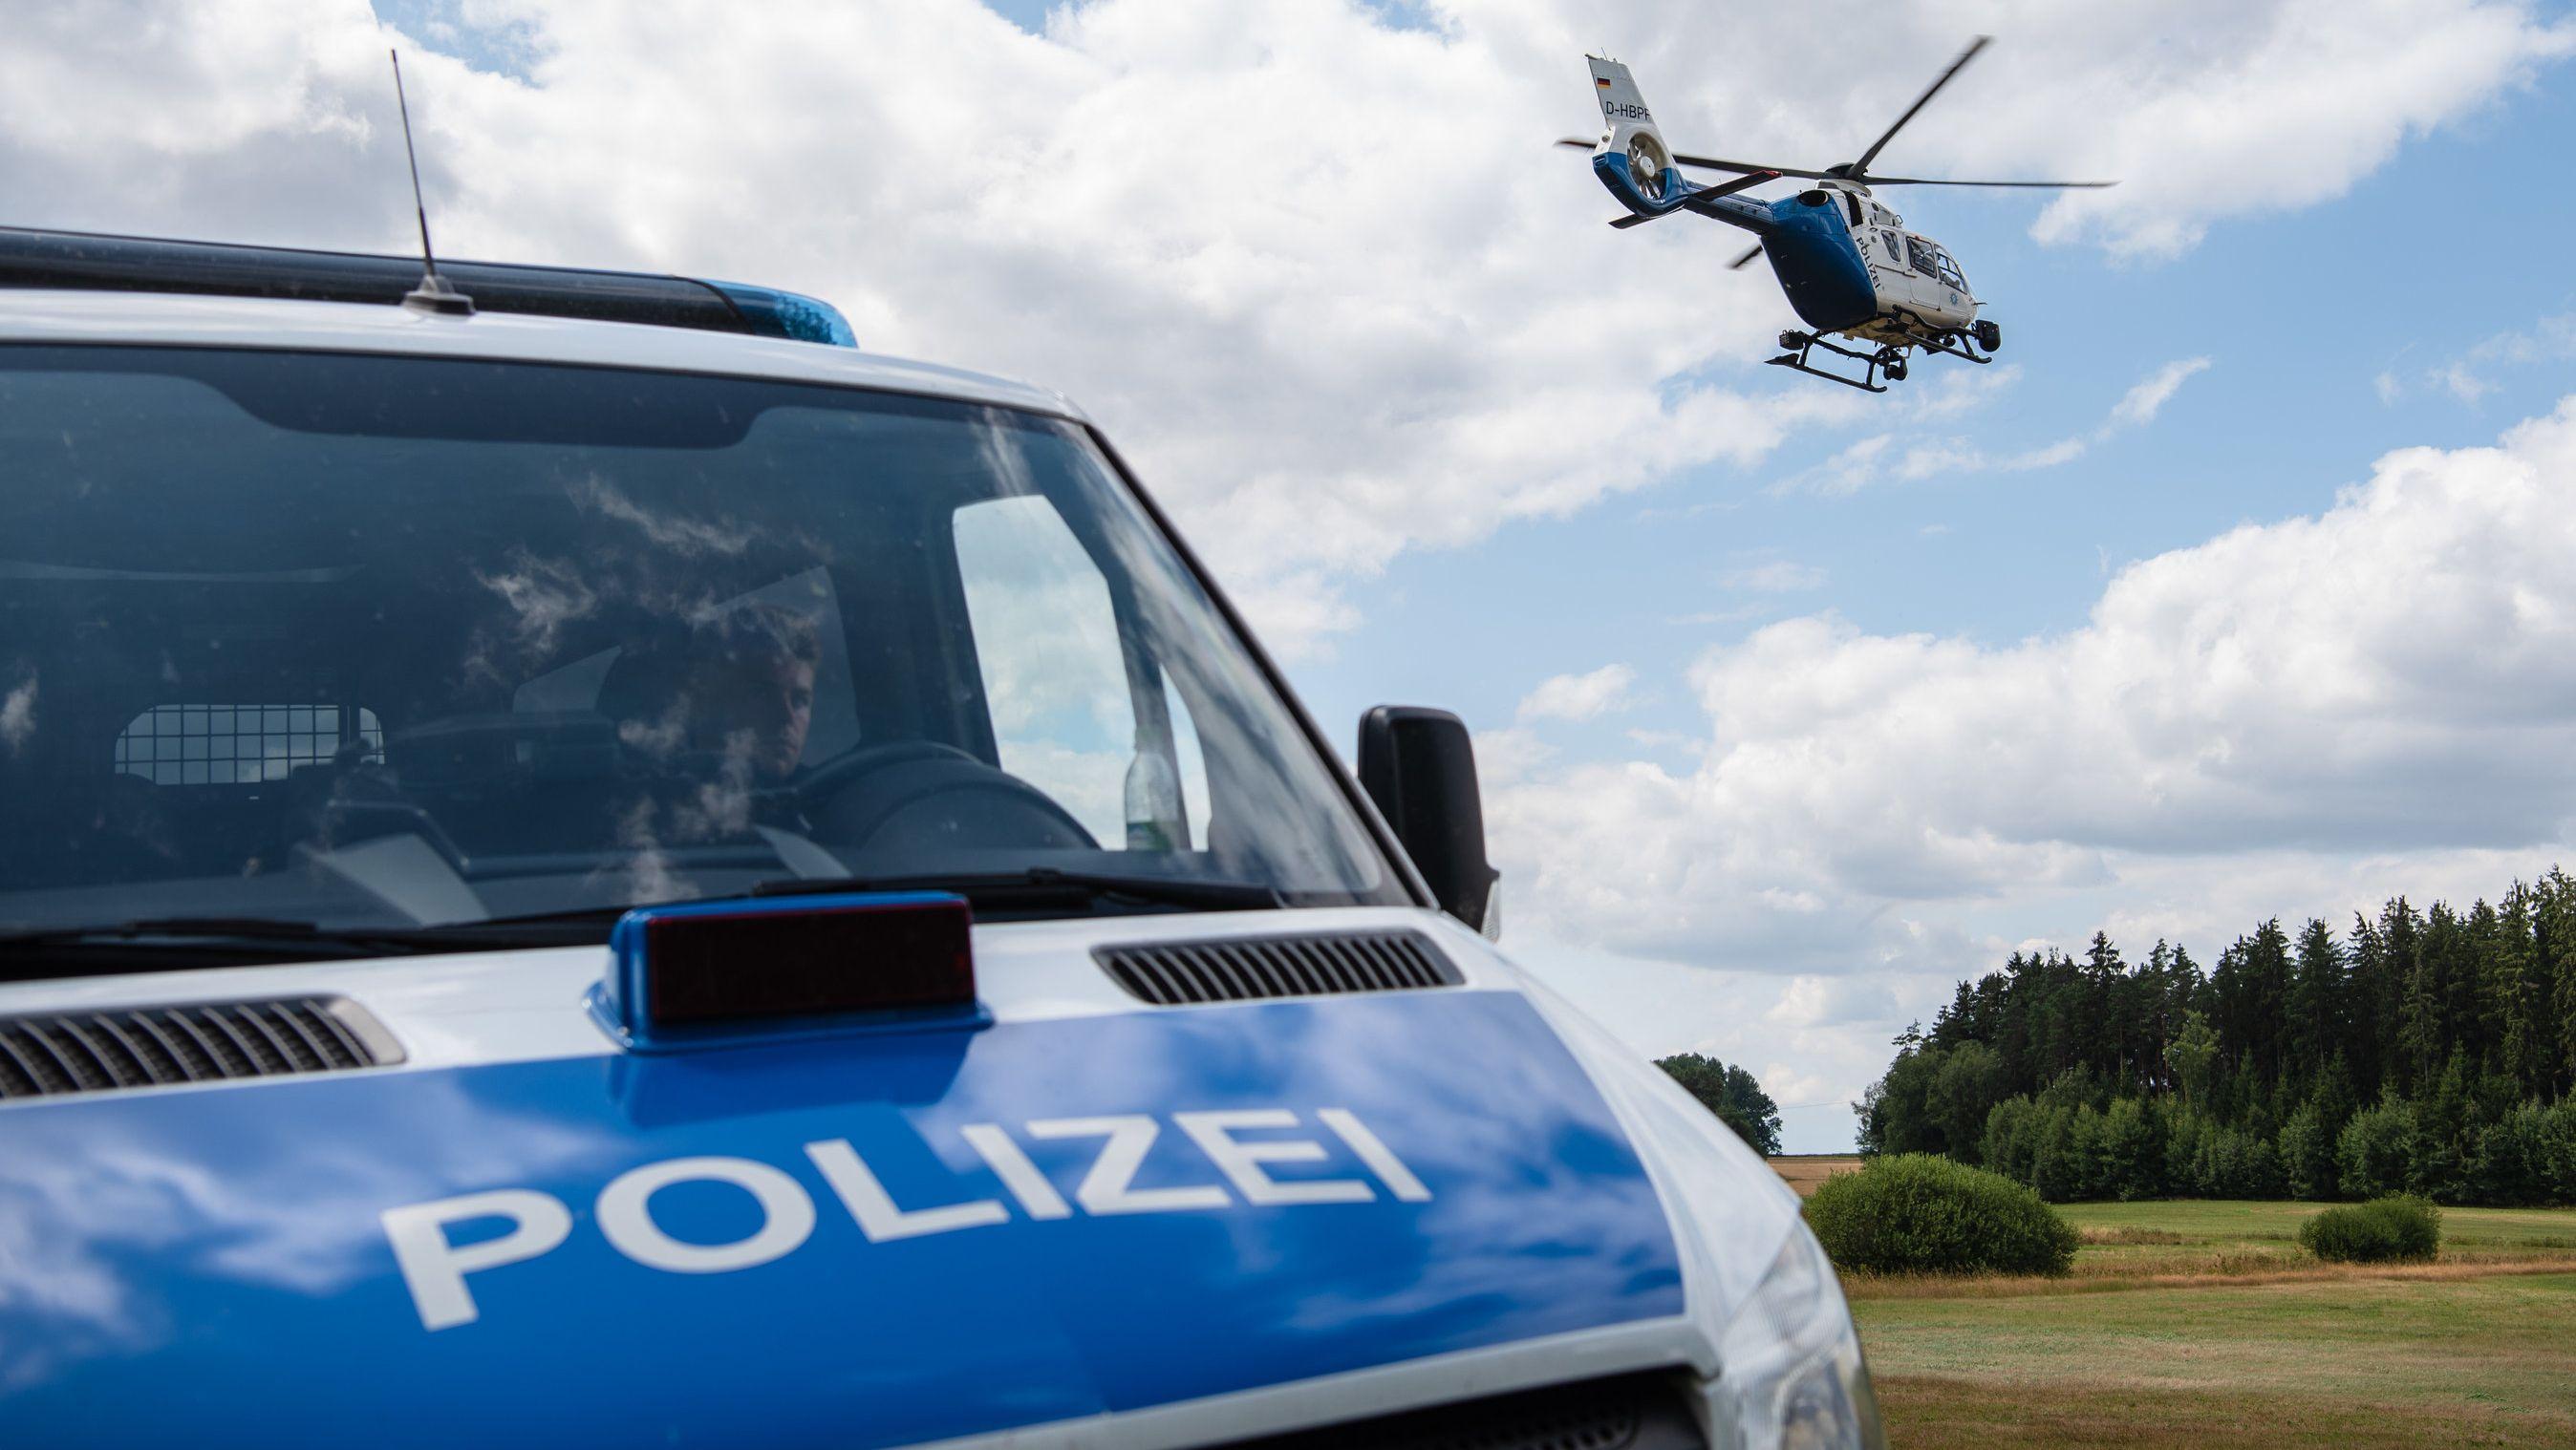 Polizeifahrzeug vor abhebendem Polizeihubschrauber